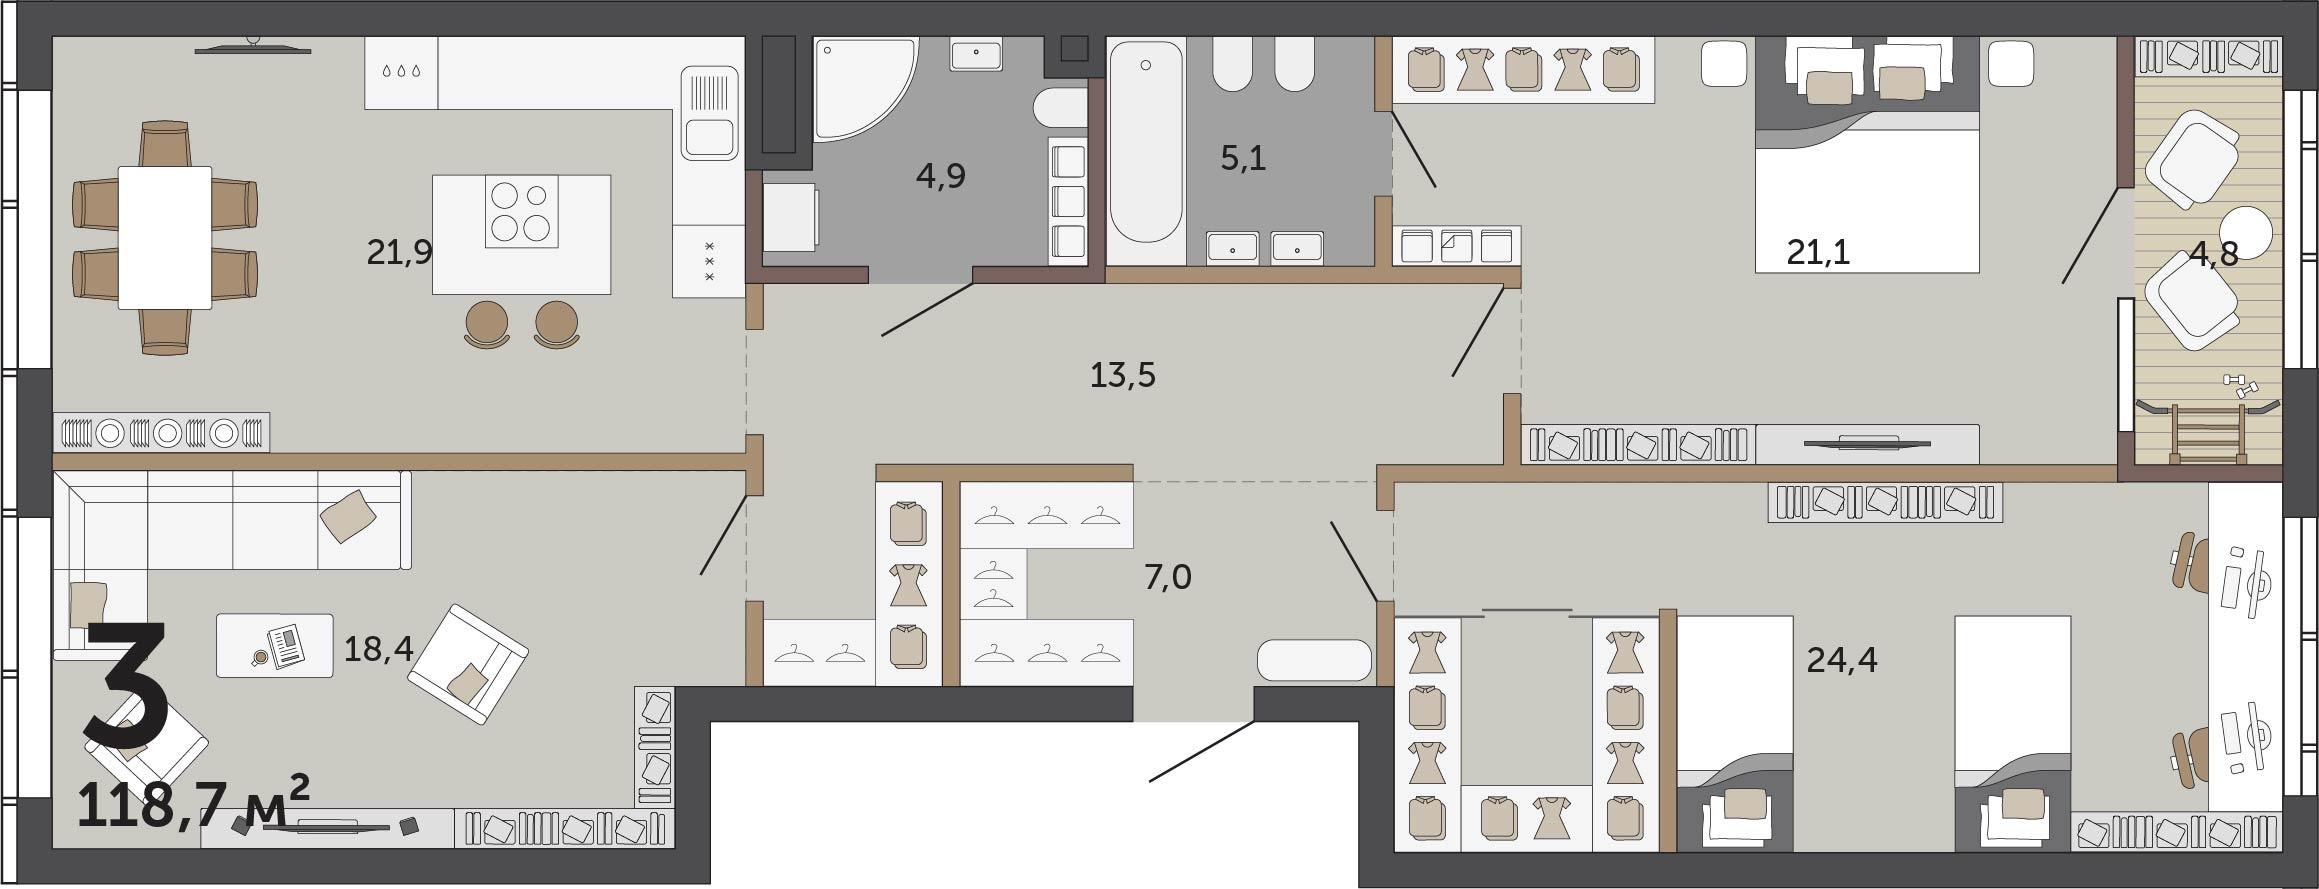 В этой квартире легко организовать гостевое пространство и приватное — только для членов семьи